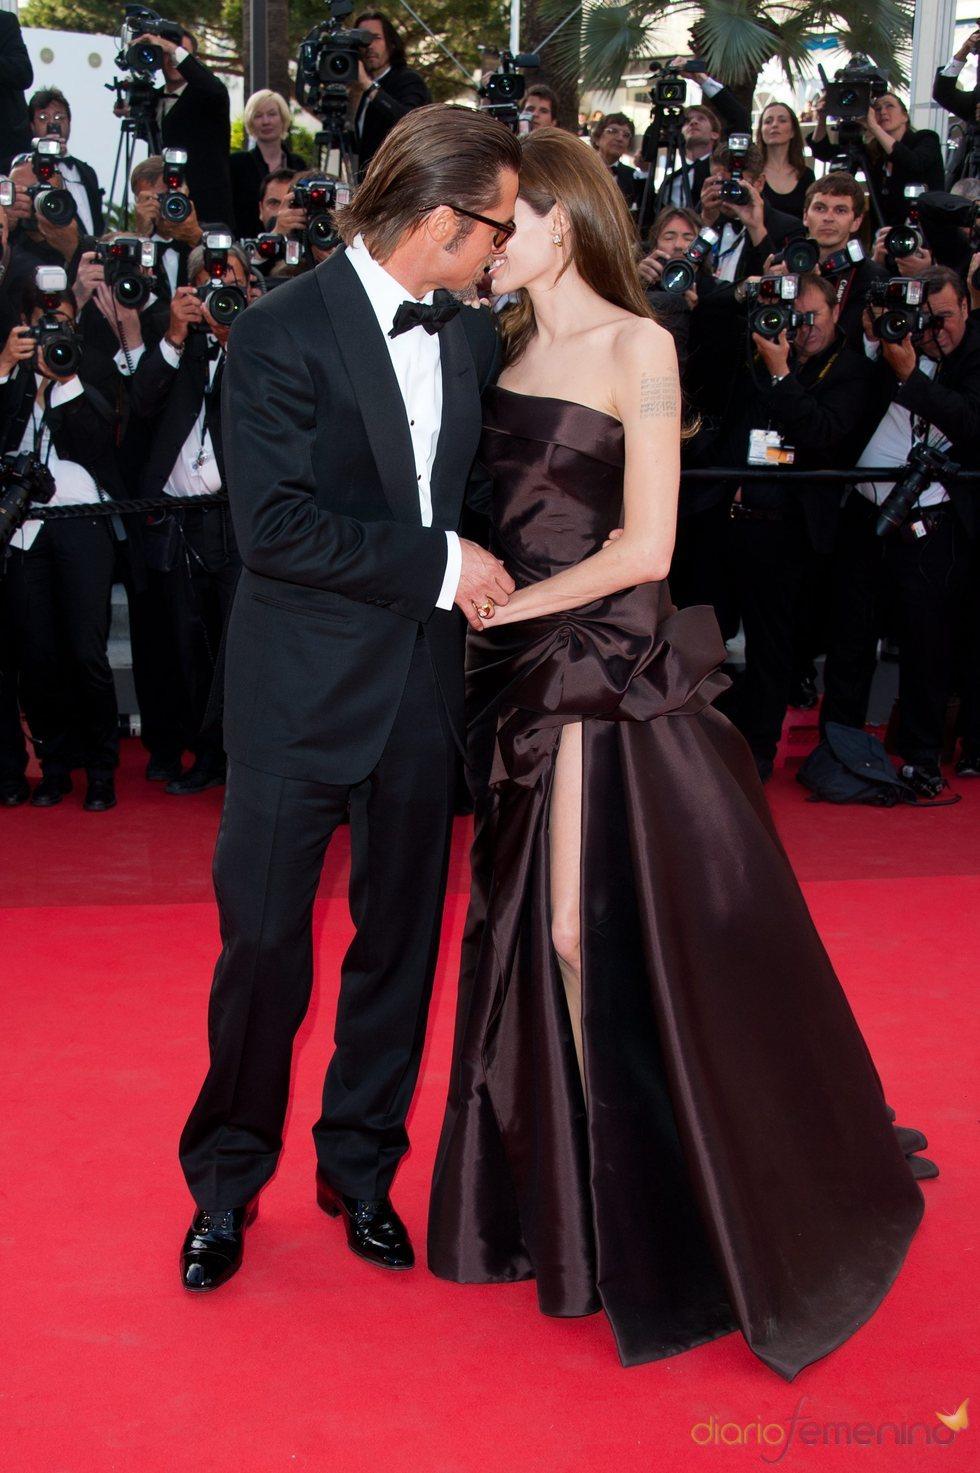 Brad Pitt muy cariñoso con Angelina Jolie en el estreno de 'El árbol de la vida' en Cannes